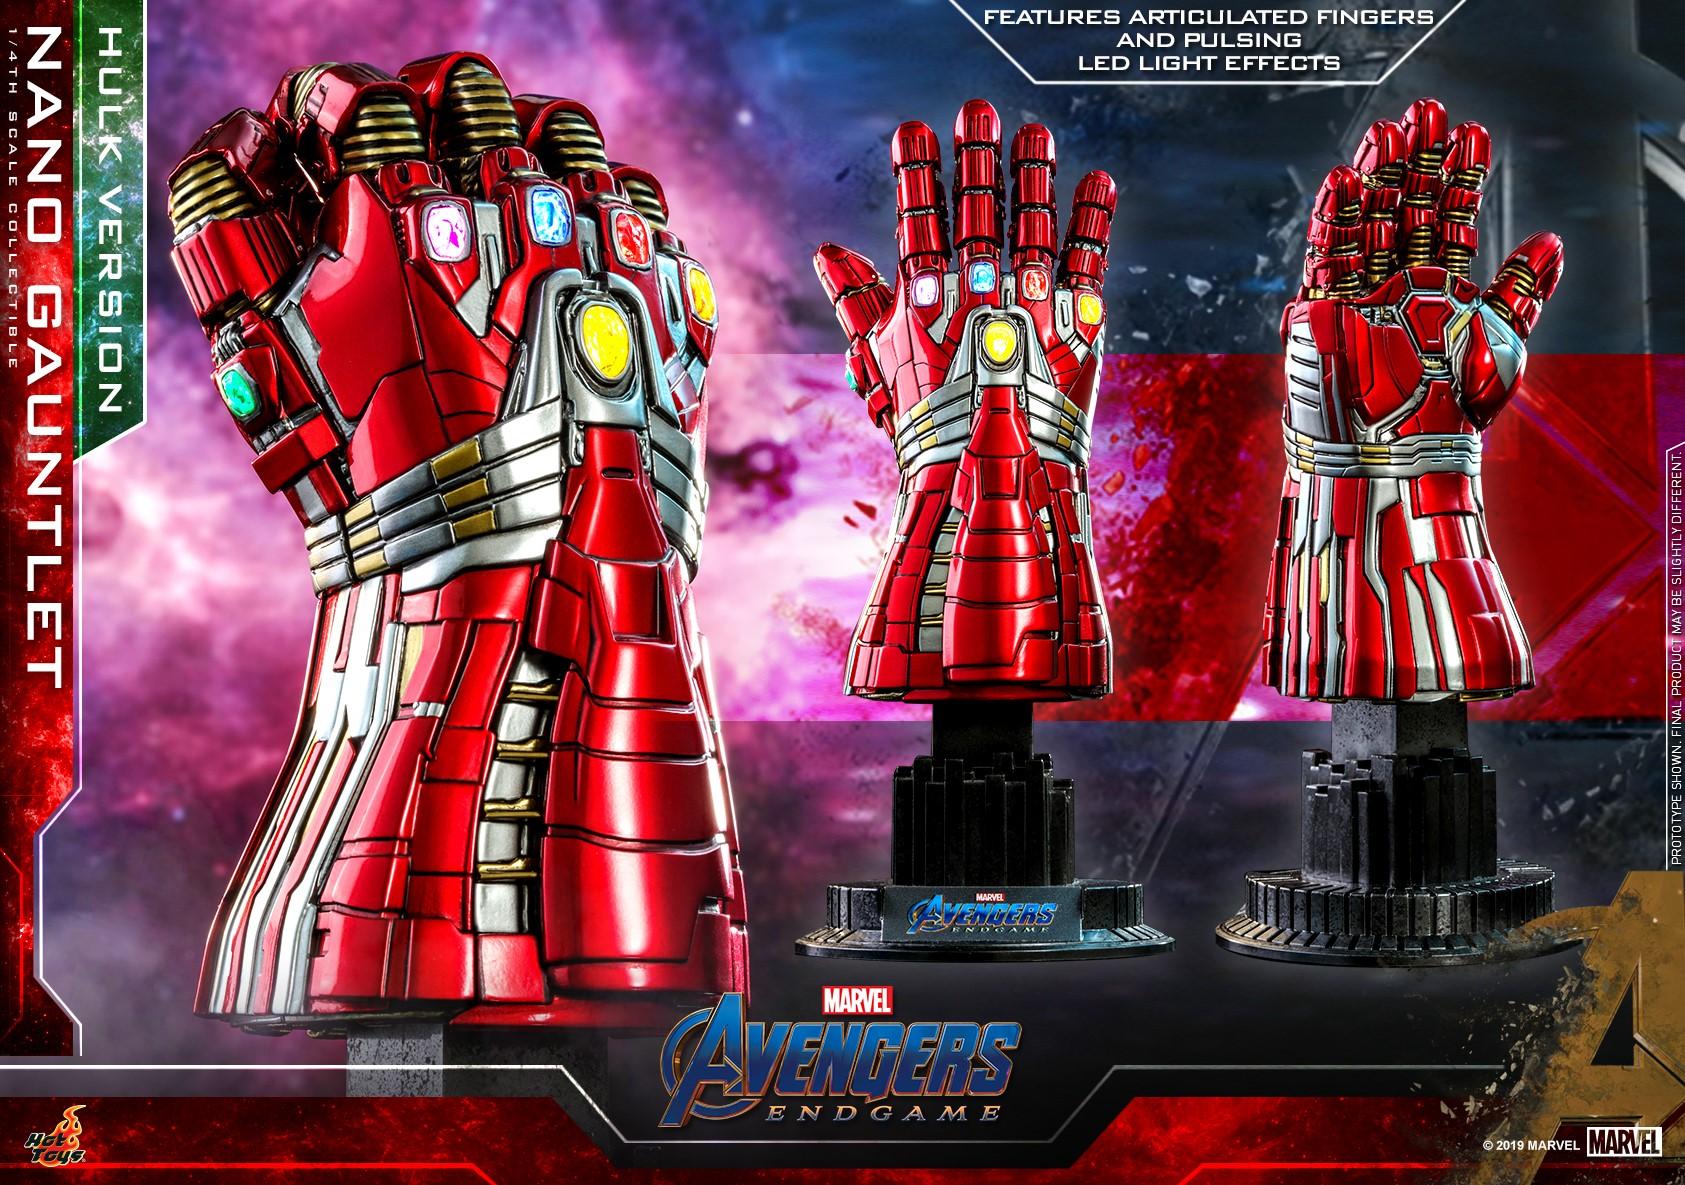 szmk_avengers_bosszuallok_endgame_vegjatek_iron_man_hulk_nano_gauntlet_nano_kesztyu_marvel_hot_toys_8.jpg